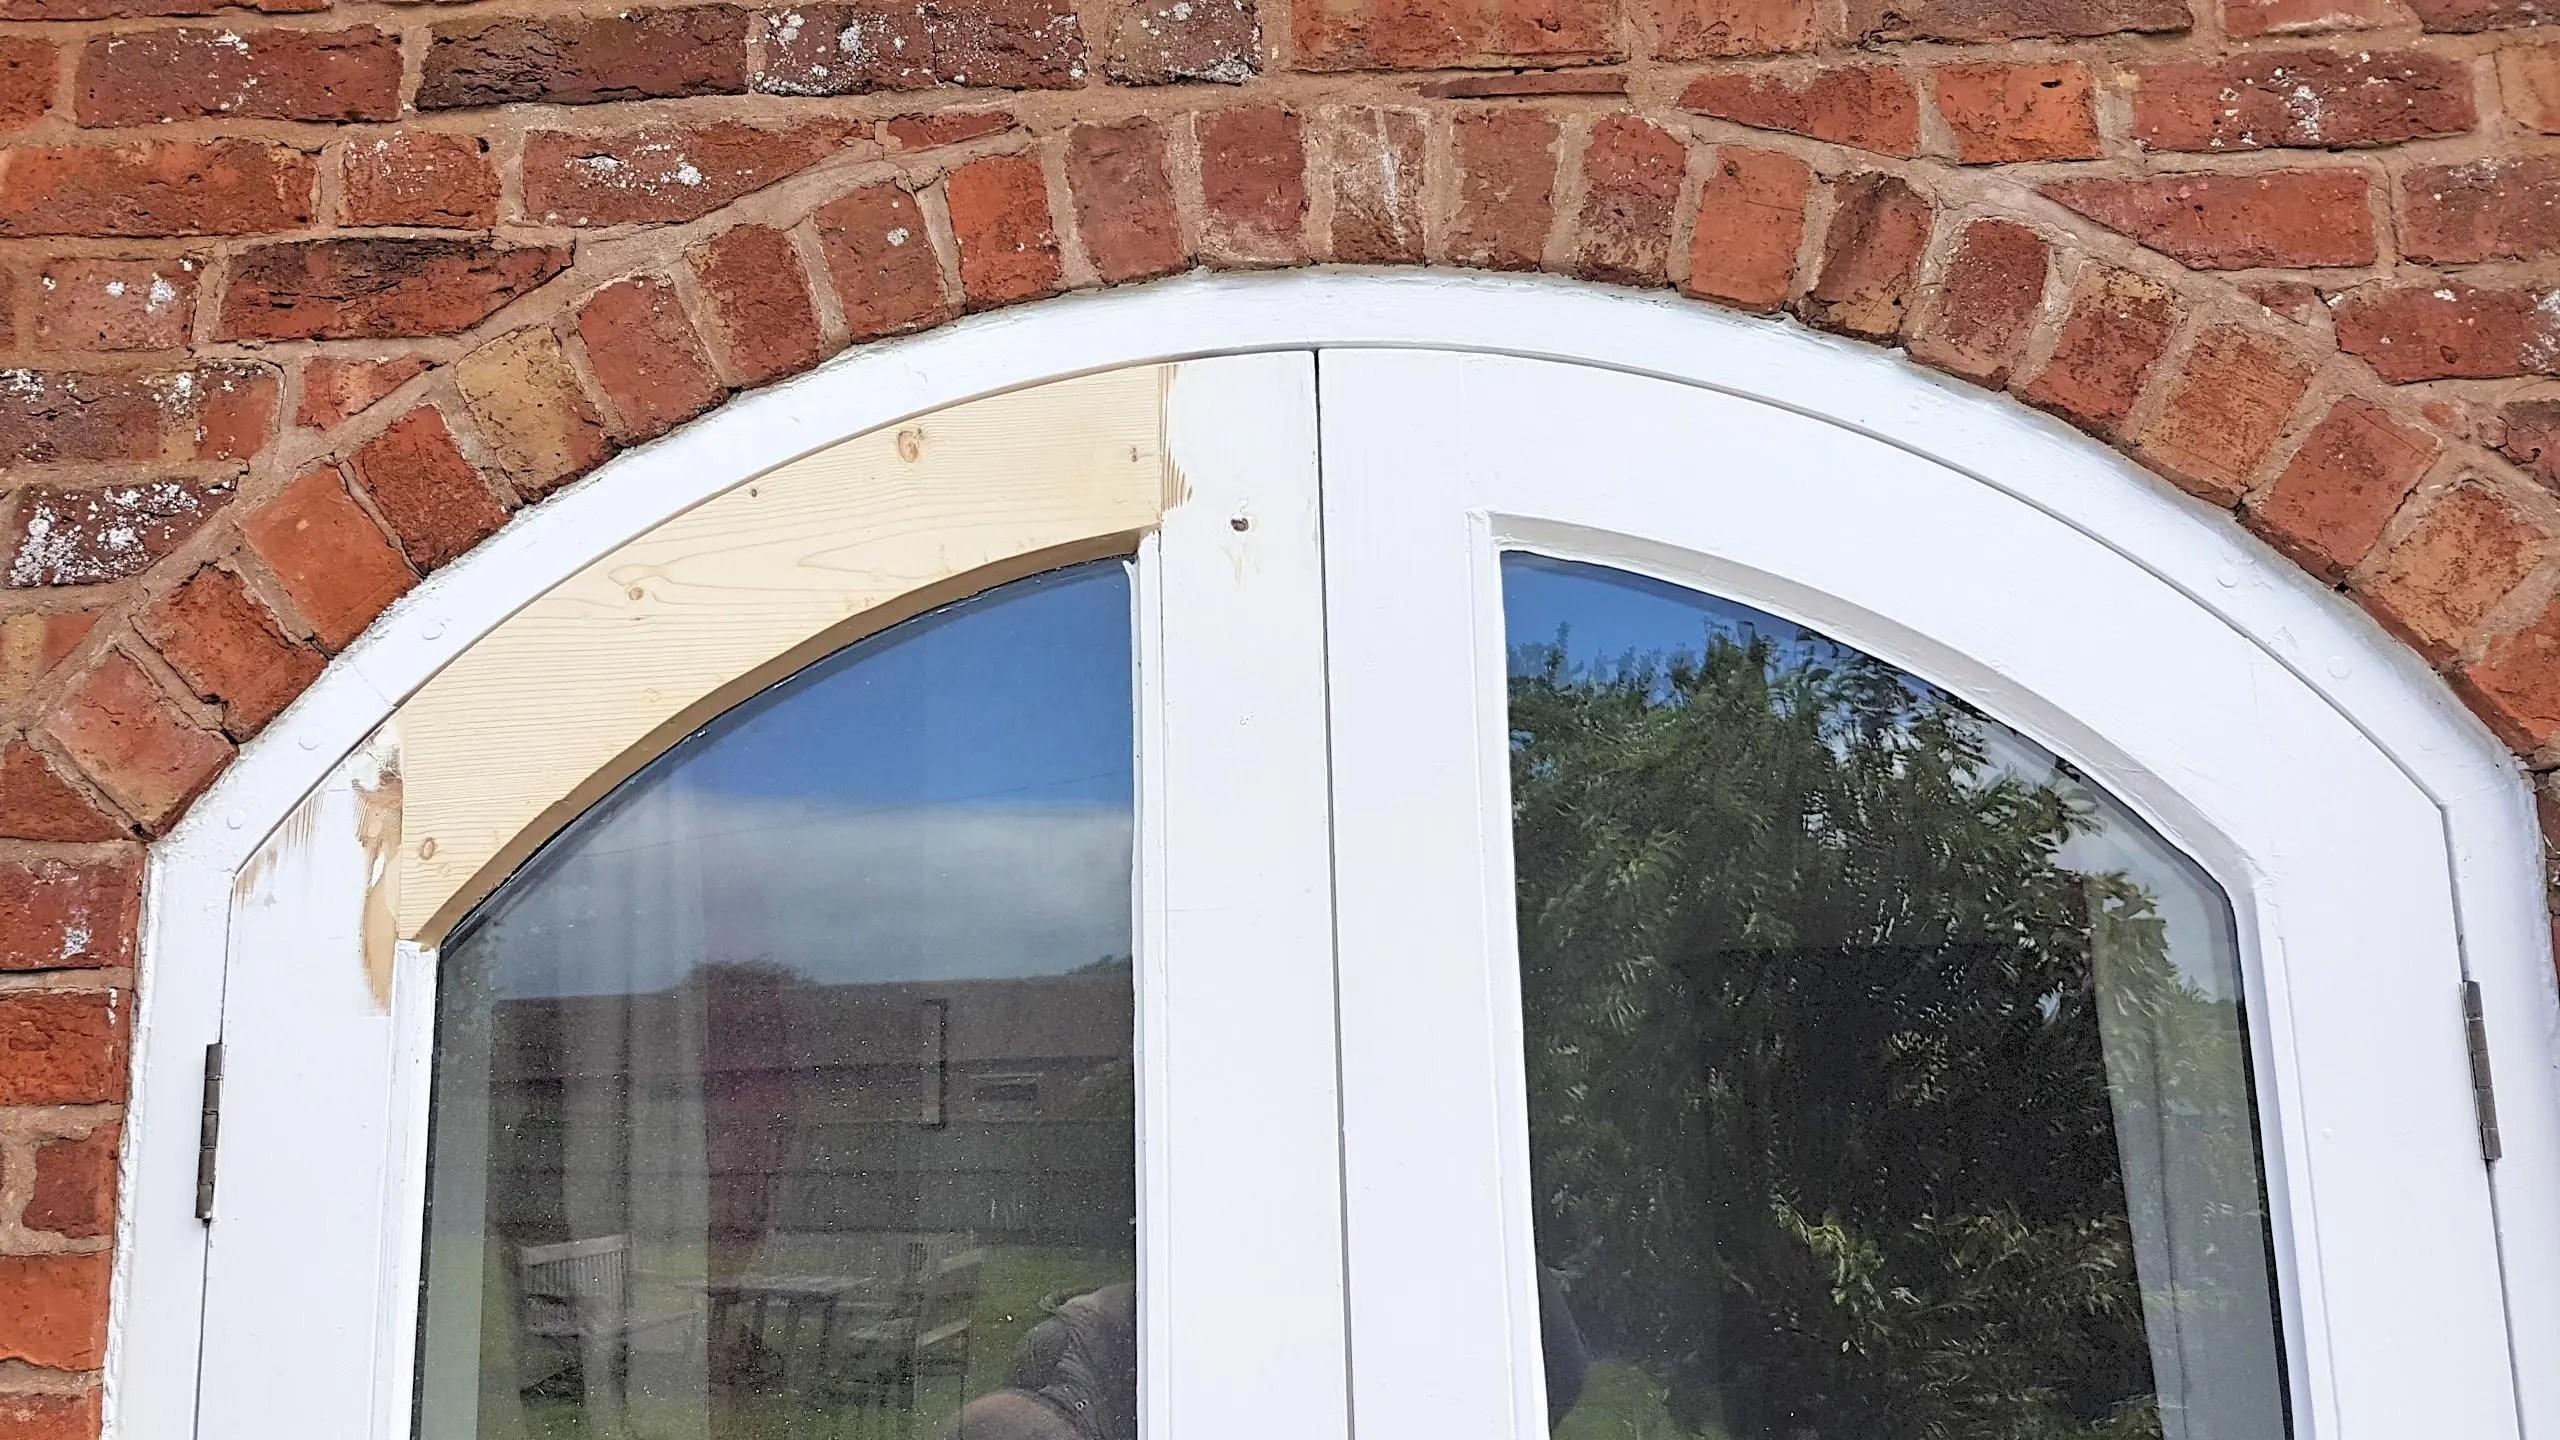 Repairing curved rotten door